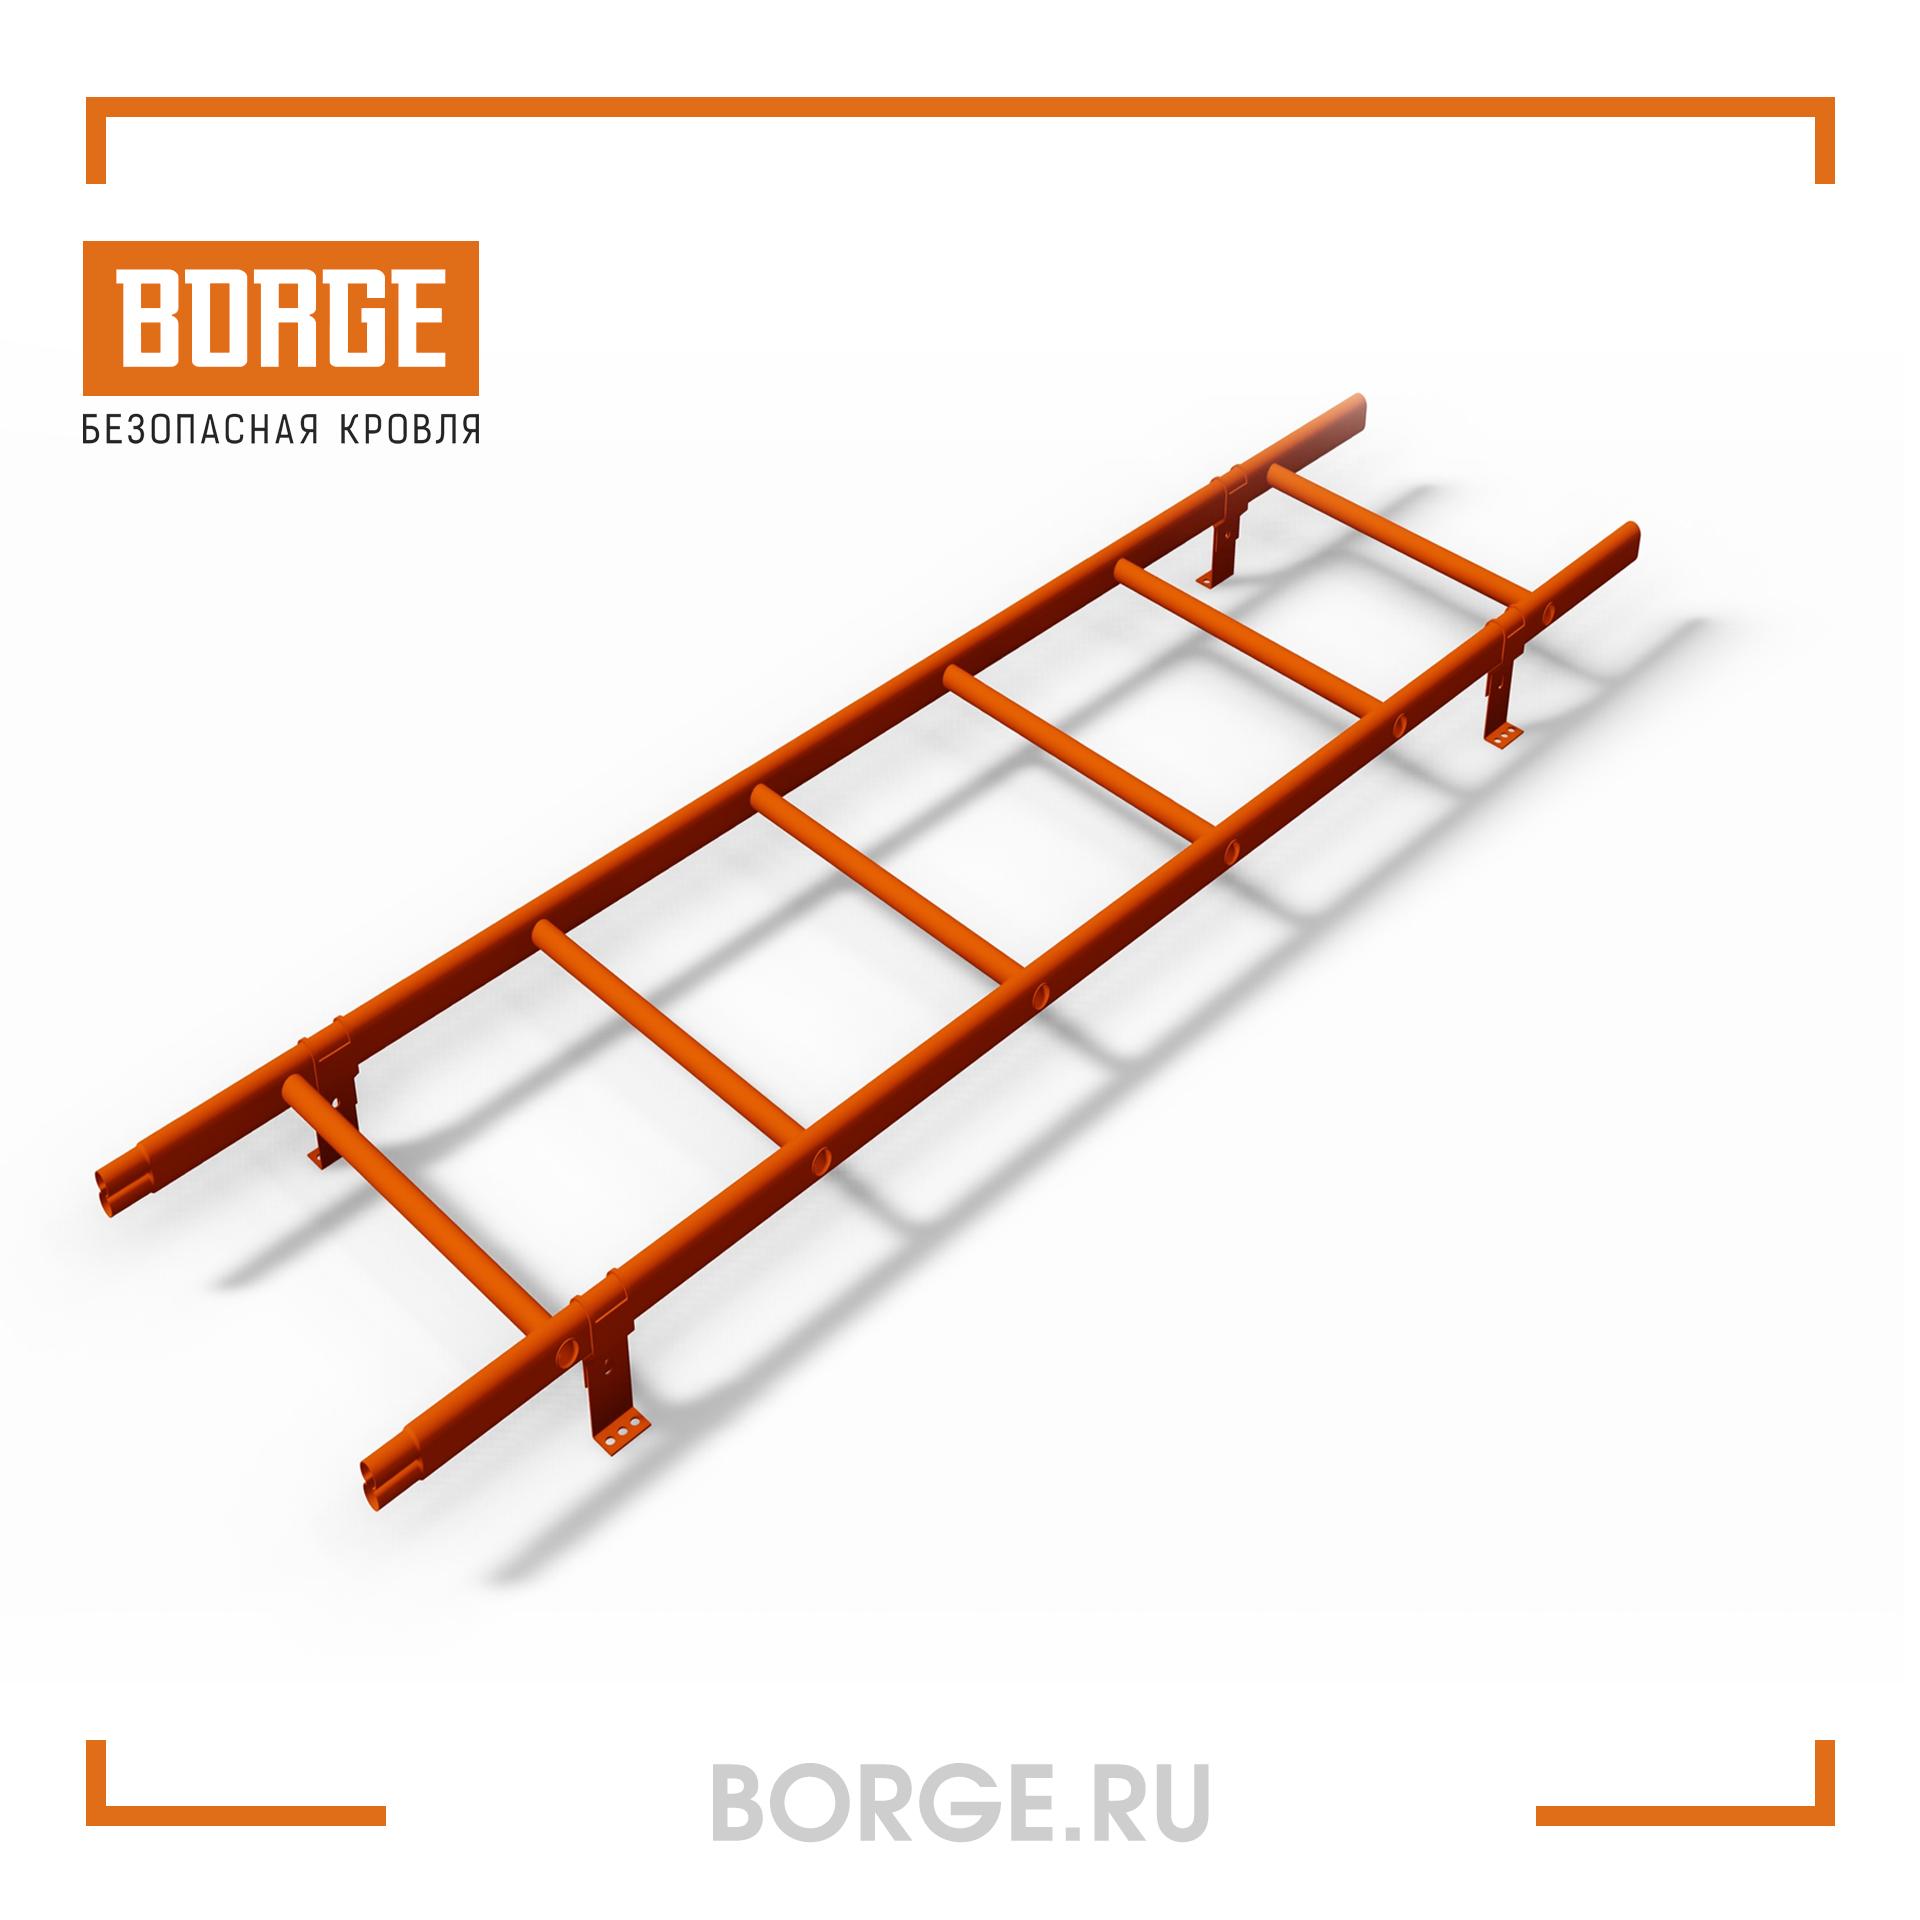 Кровельная лестница BORGE для металлочерепицы, профнастила, композитной черепицы и материалов на основе битума.